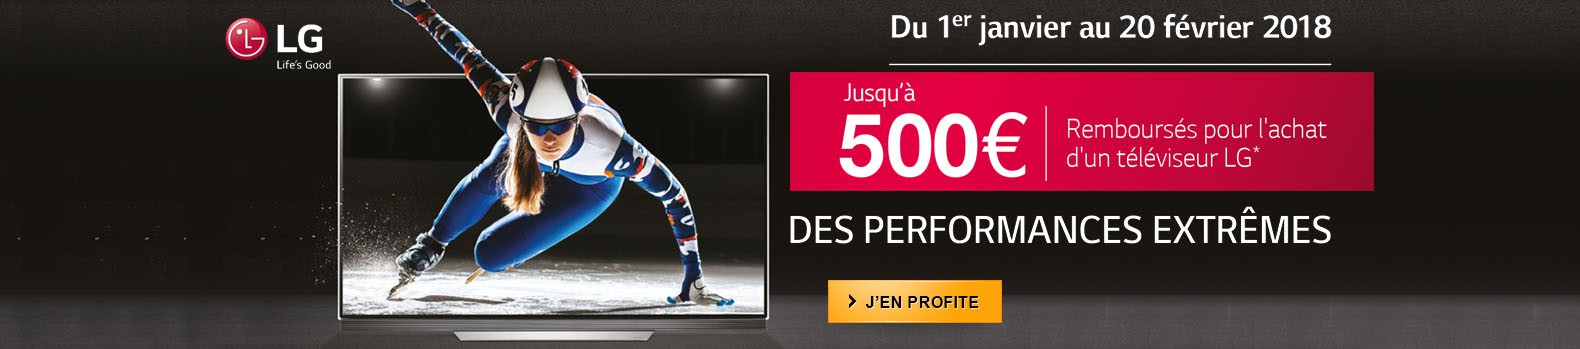 Jusqu'à 500€ remboursés pour l'achat d'un téléviseur LG